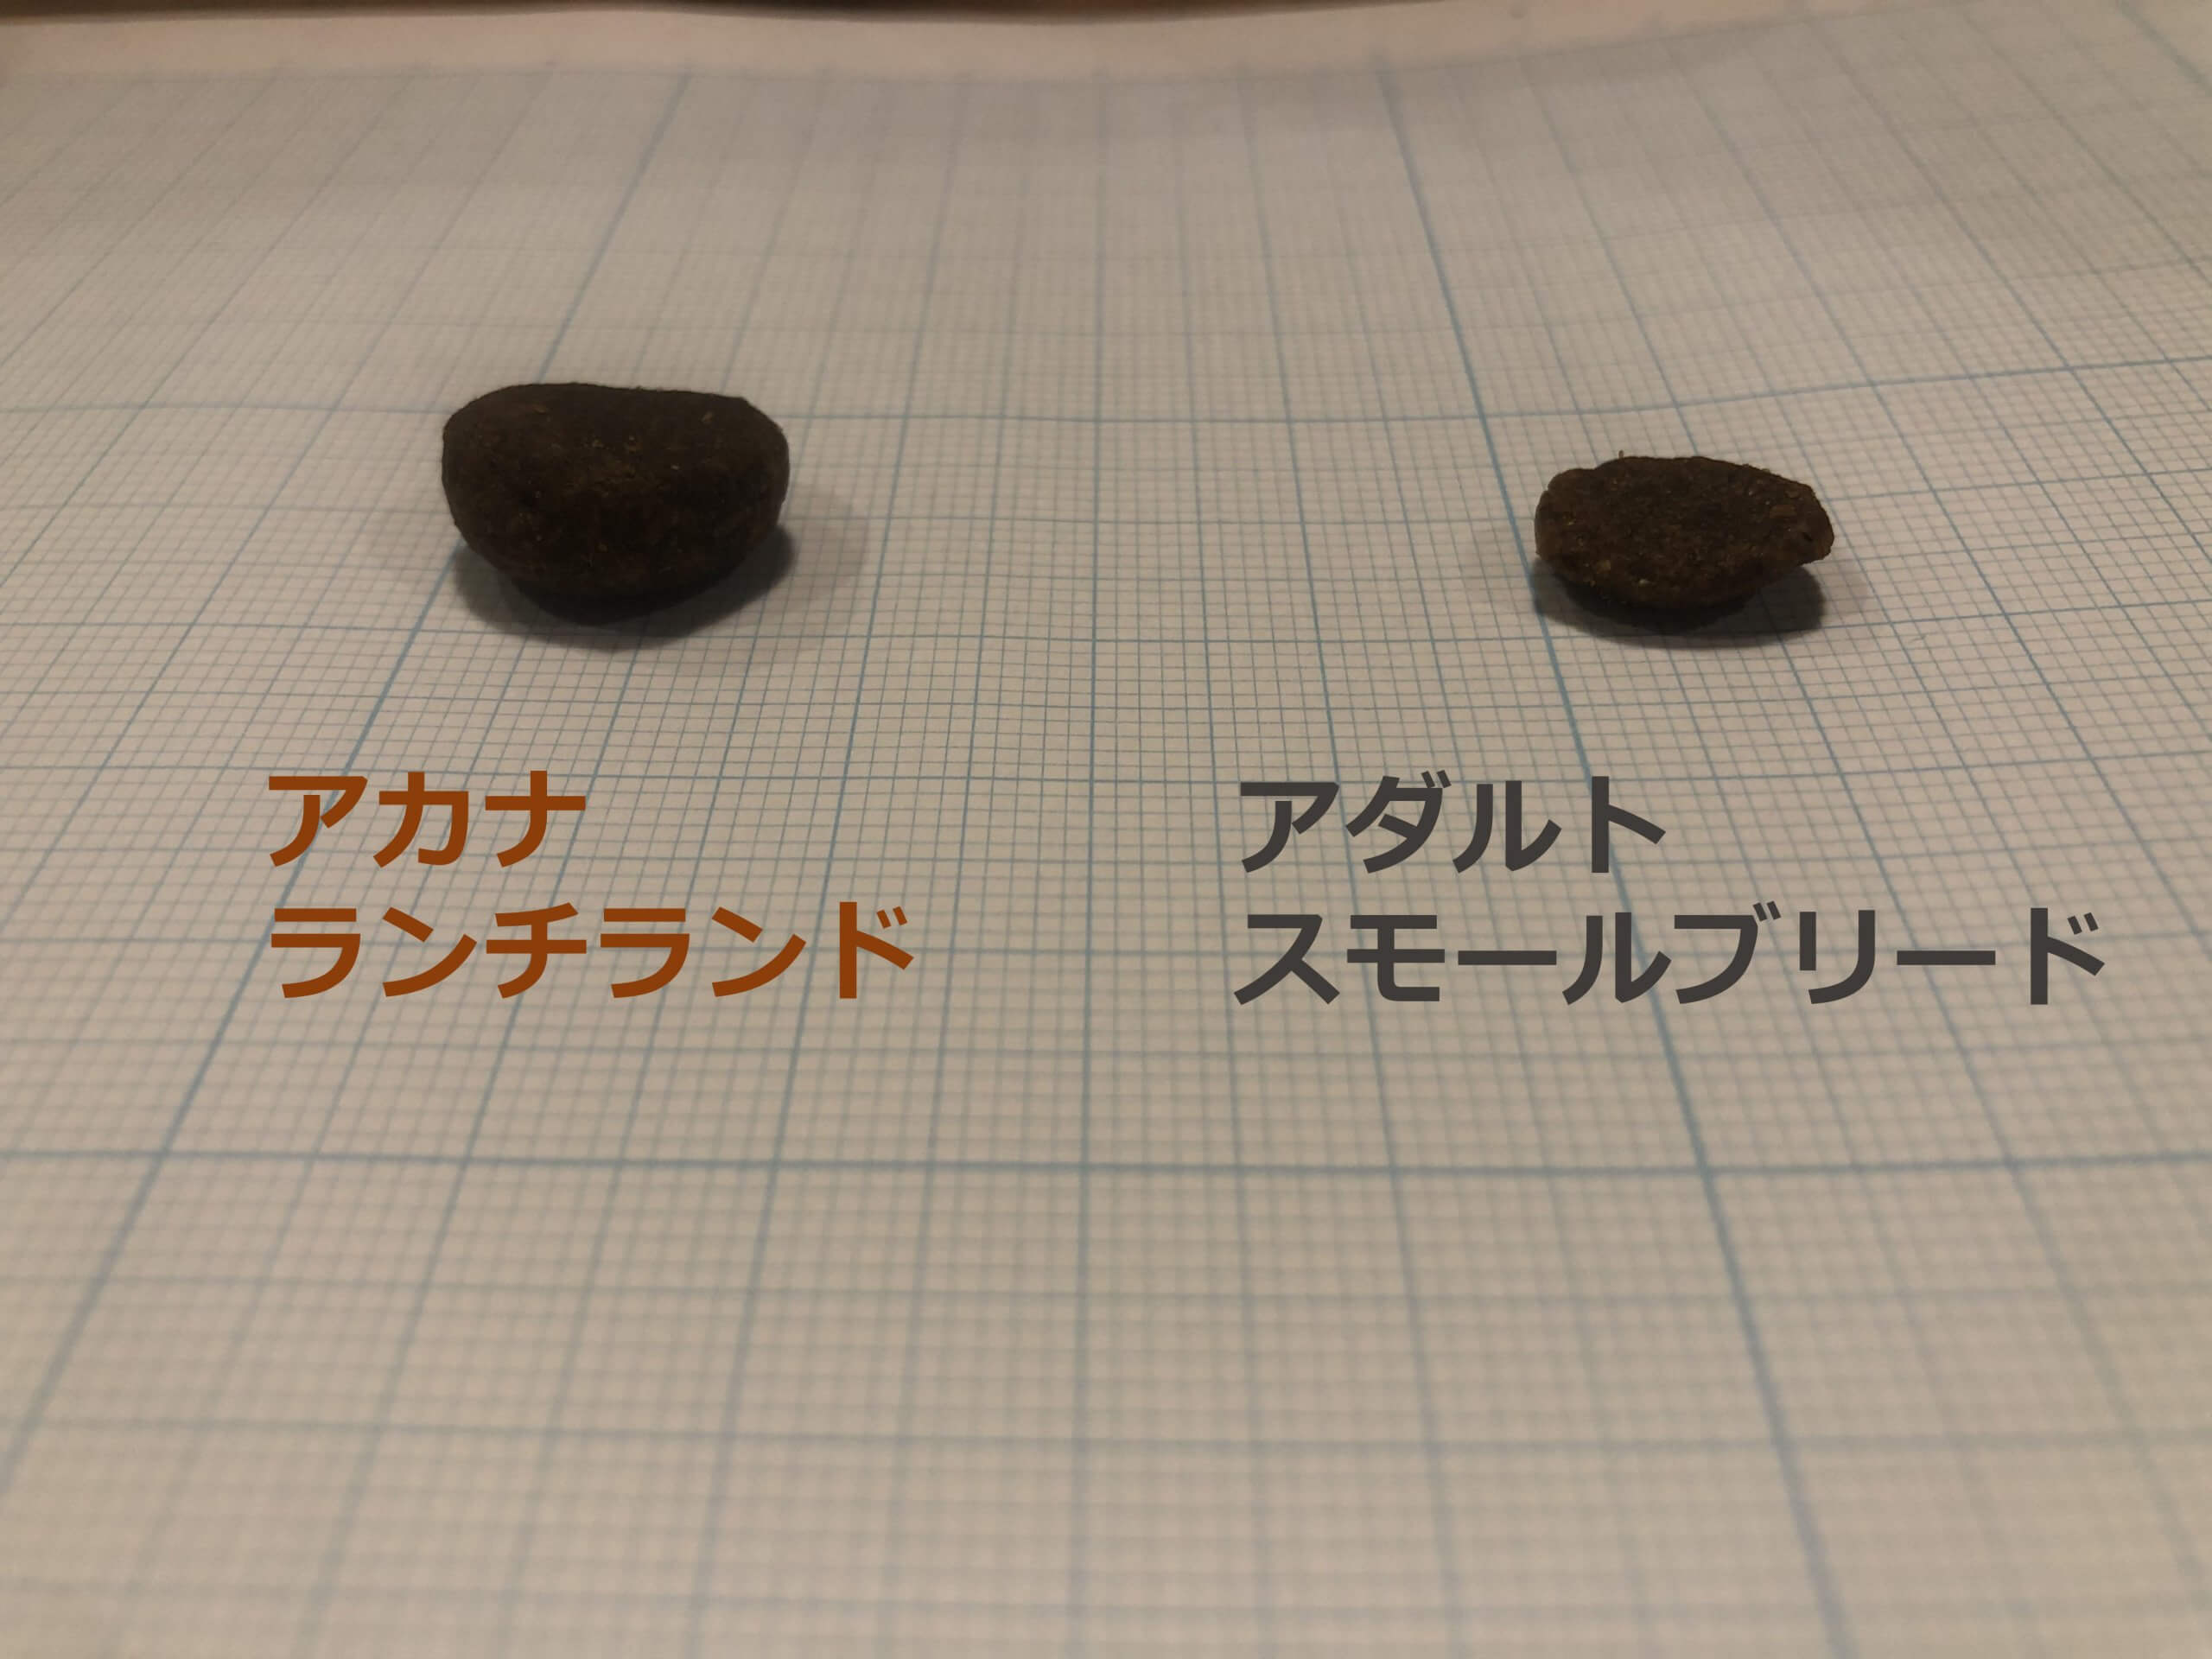 アカナランチランドとアカナアダルトドッグの粒の大きさ比較